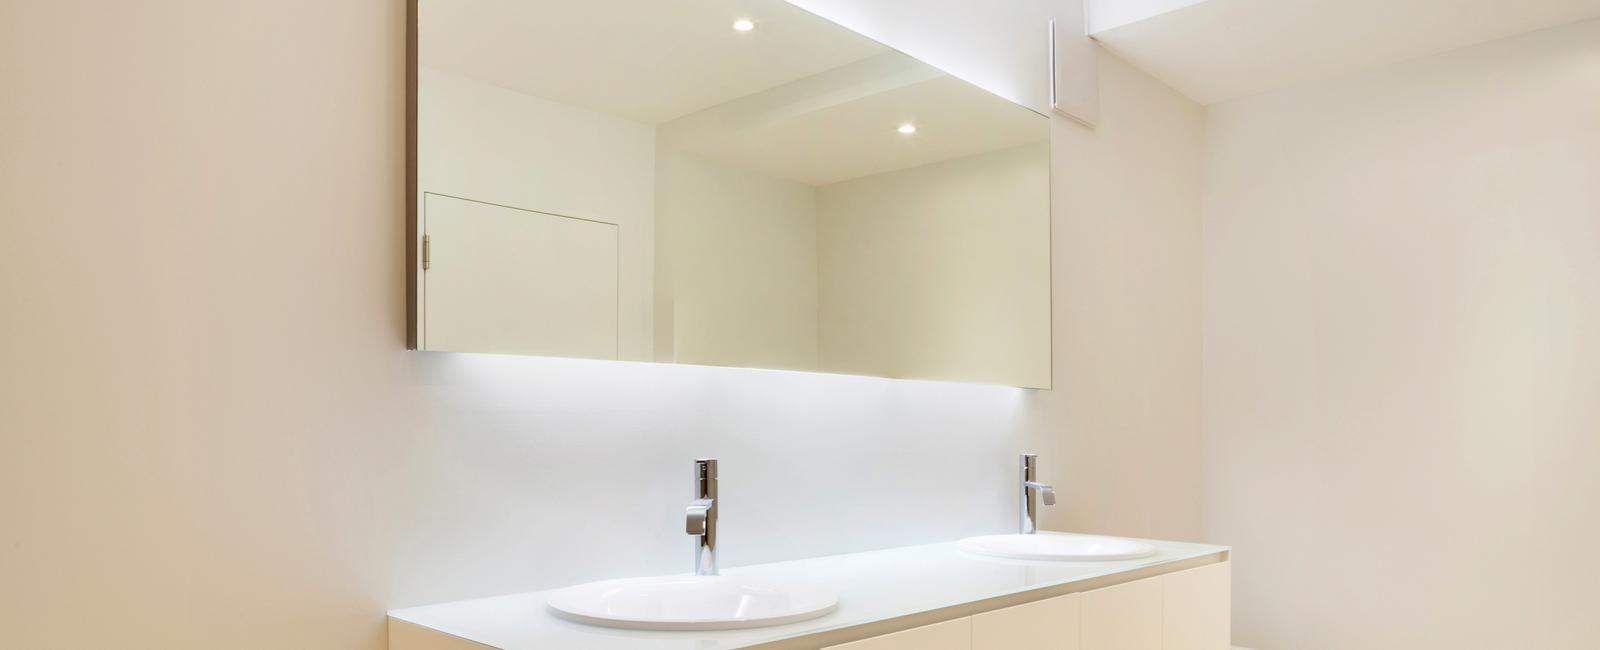 pose éclairage salle de bain